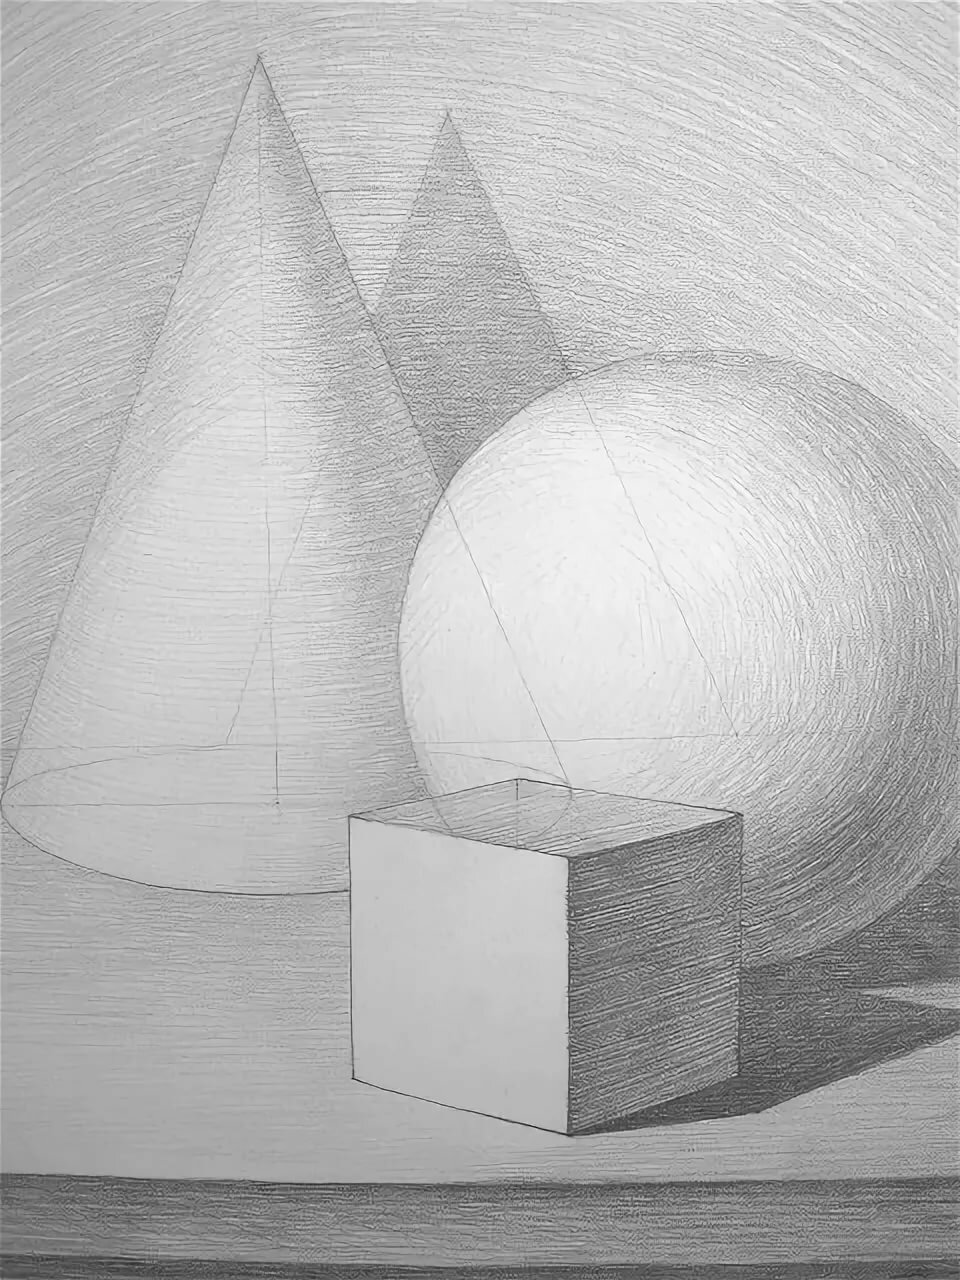 картинка геометрических фигур карандашом мощной аппаратуре